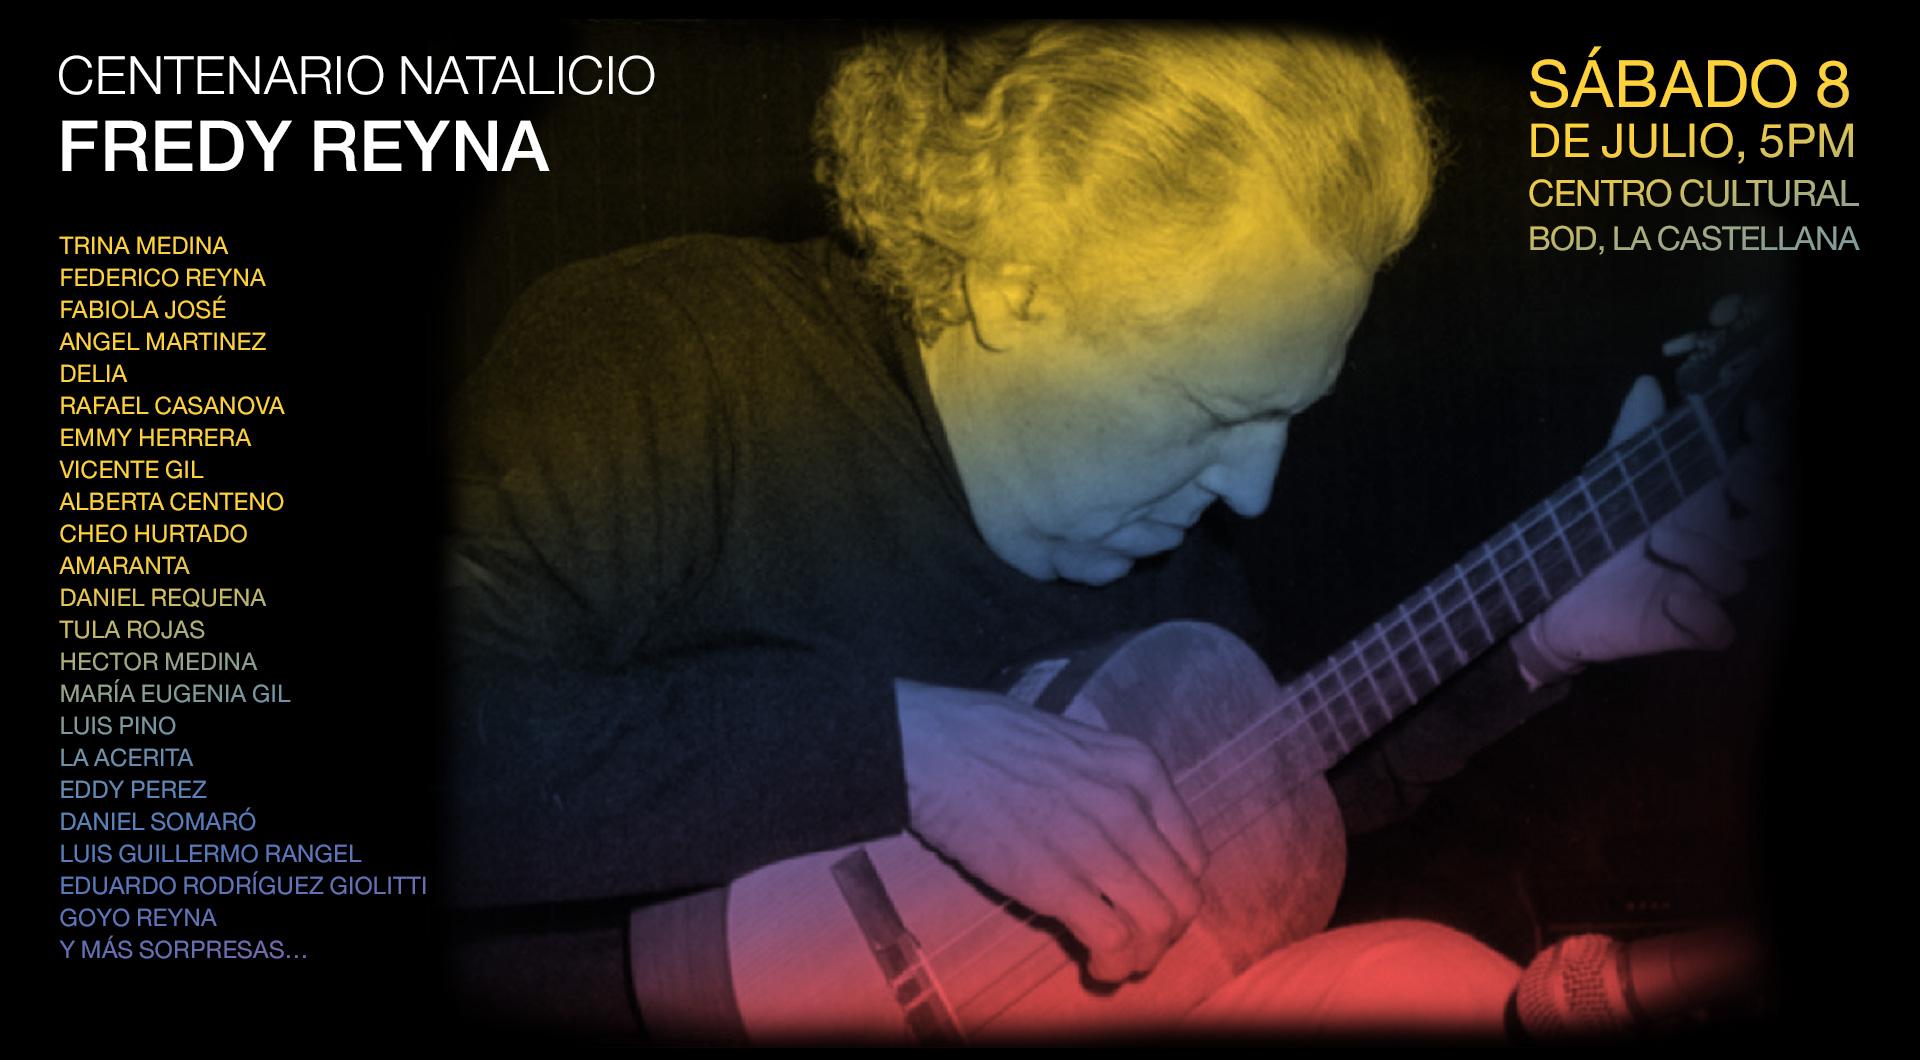 """""""Todos por Todos: homenaje a Fredy Reyna"""" un concierto en el marco del centenario de su natalicio"""